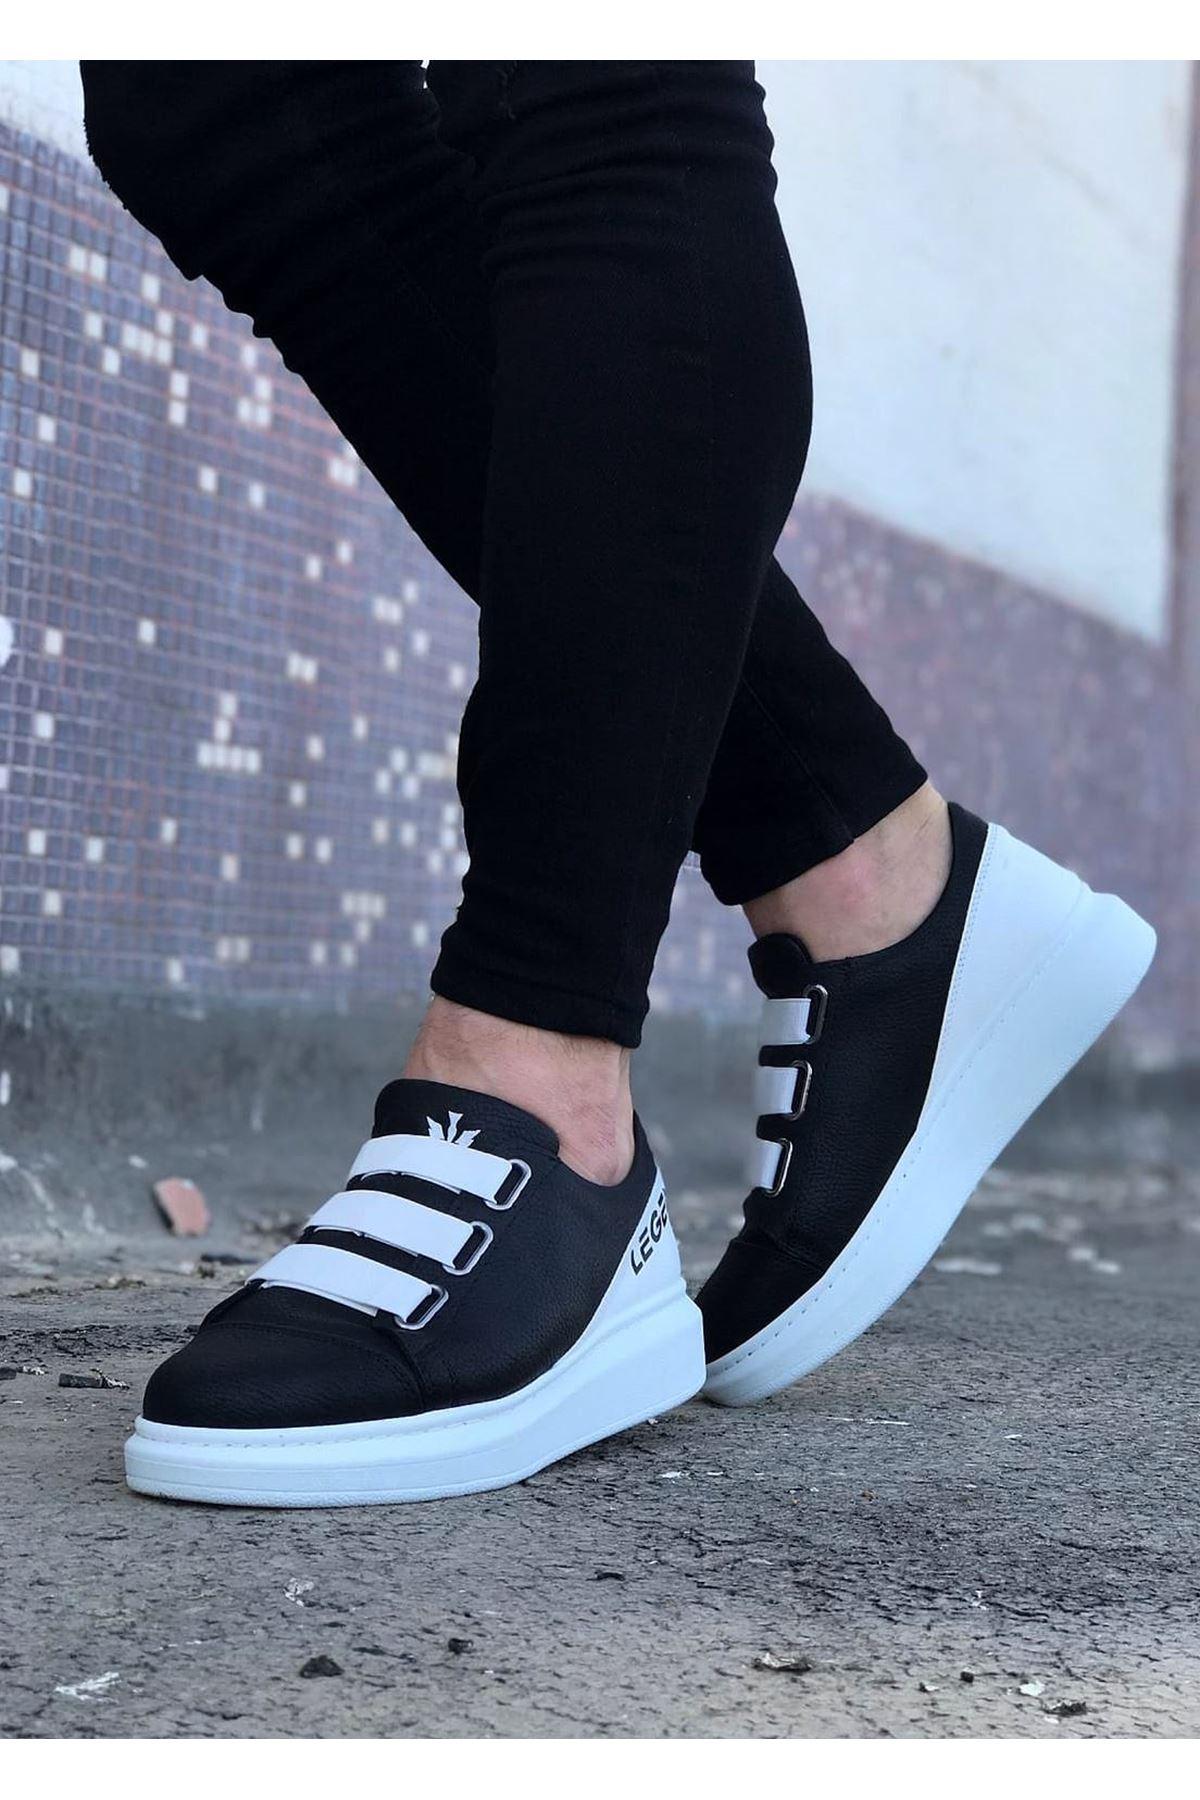 Wagoon WG029 Siyah Beyaz Kalın Taban Casual Erkek Ayakkabı